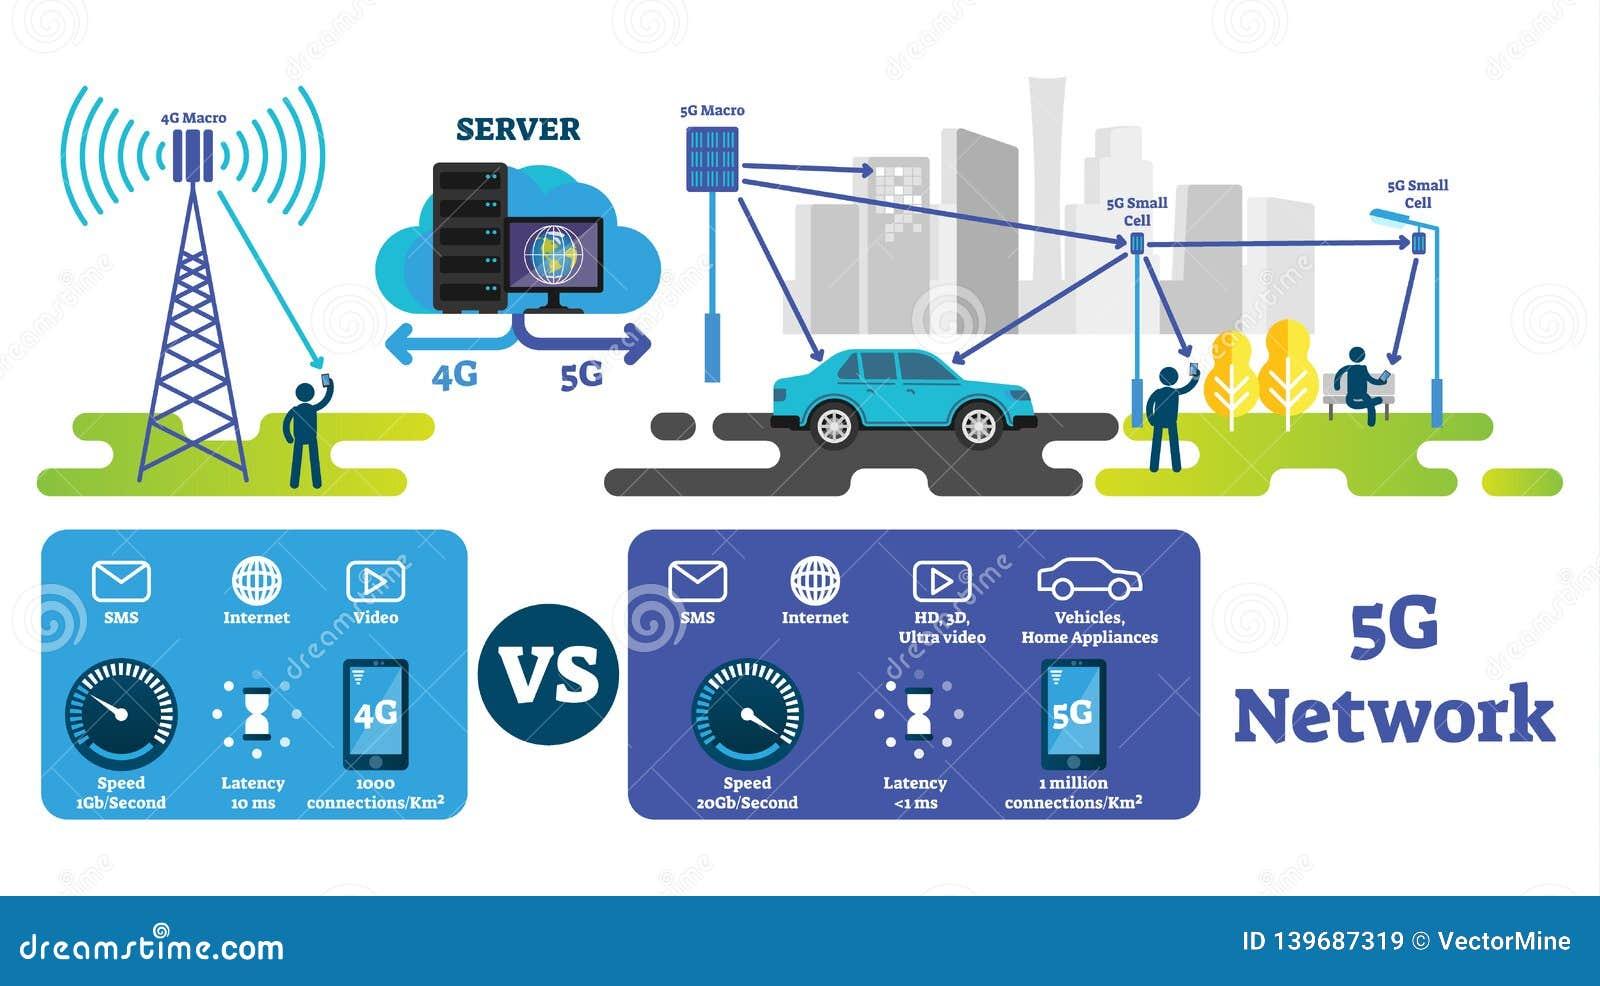 иллюстрация вектора 5G Самый быстрый беспроводной интернет сравненный с сетью 4G